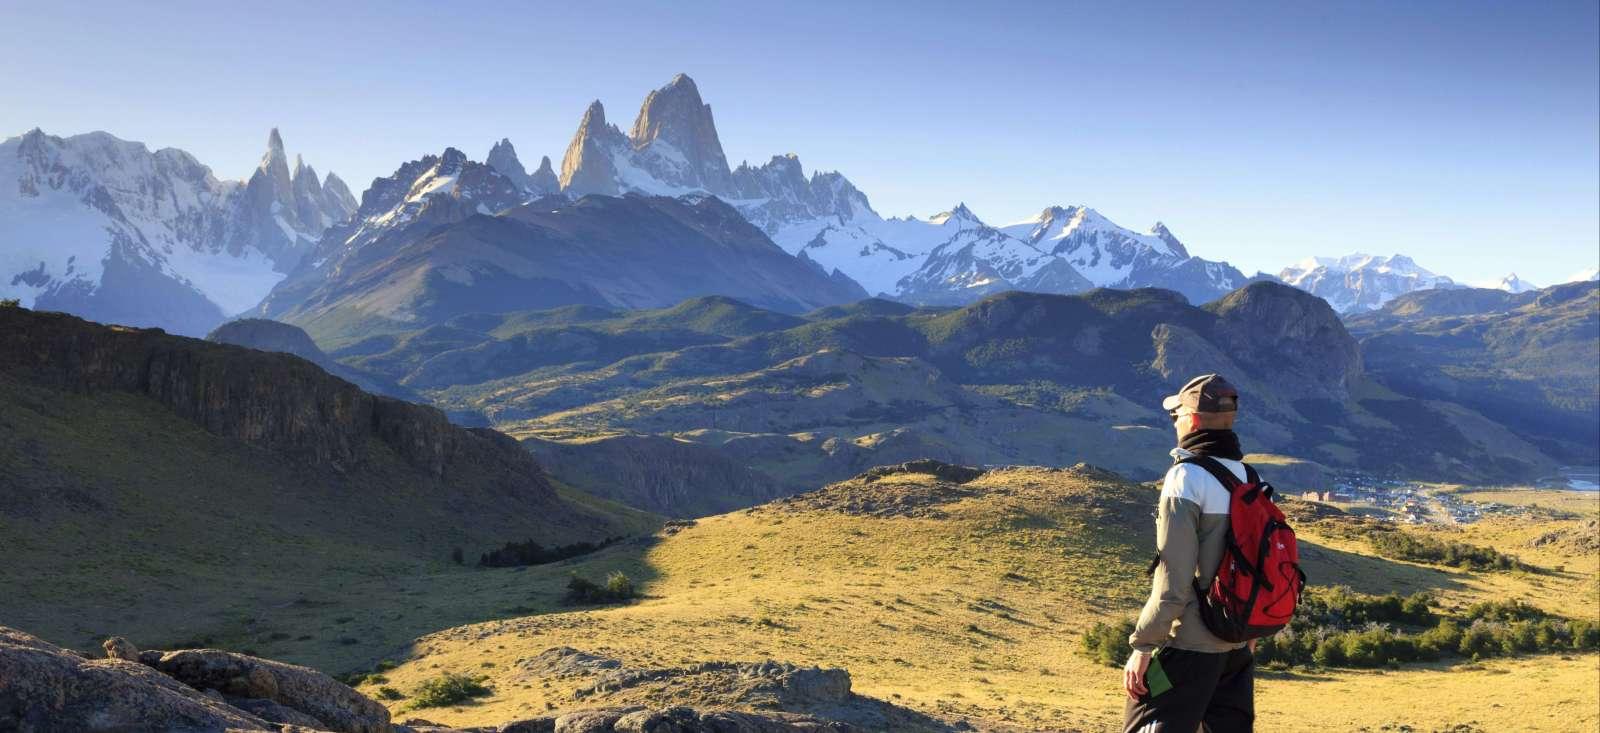 Voyage sur l'eau : Du Fitz Roy à Torres del Paine